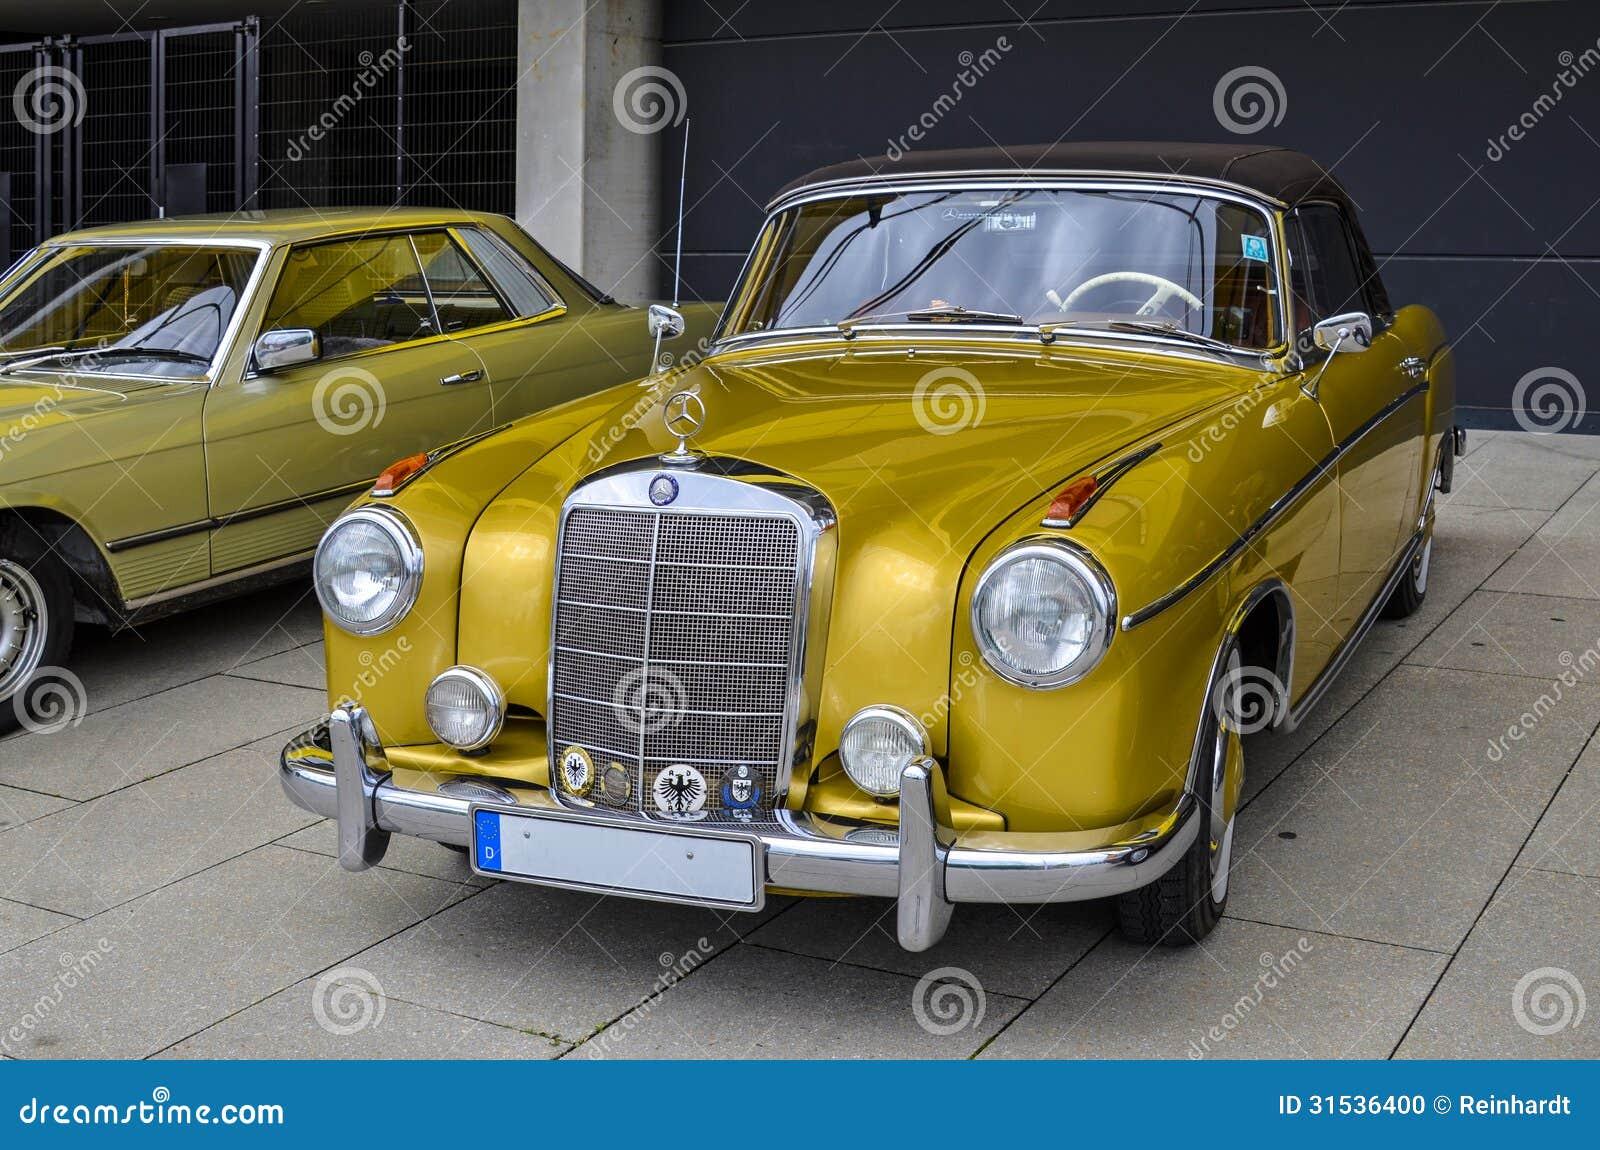 mercedes oldtimer voiture de vintage image ditorial image du antiquit pr serv 31536400. Black Bedroom Furniture Sets. Home Design Ideas